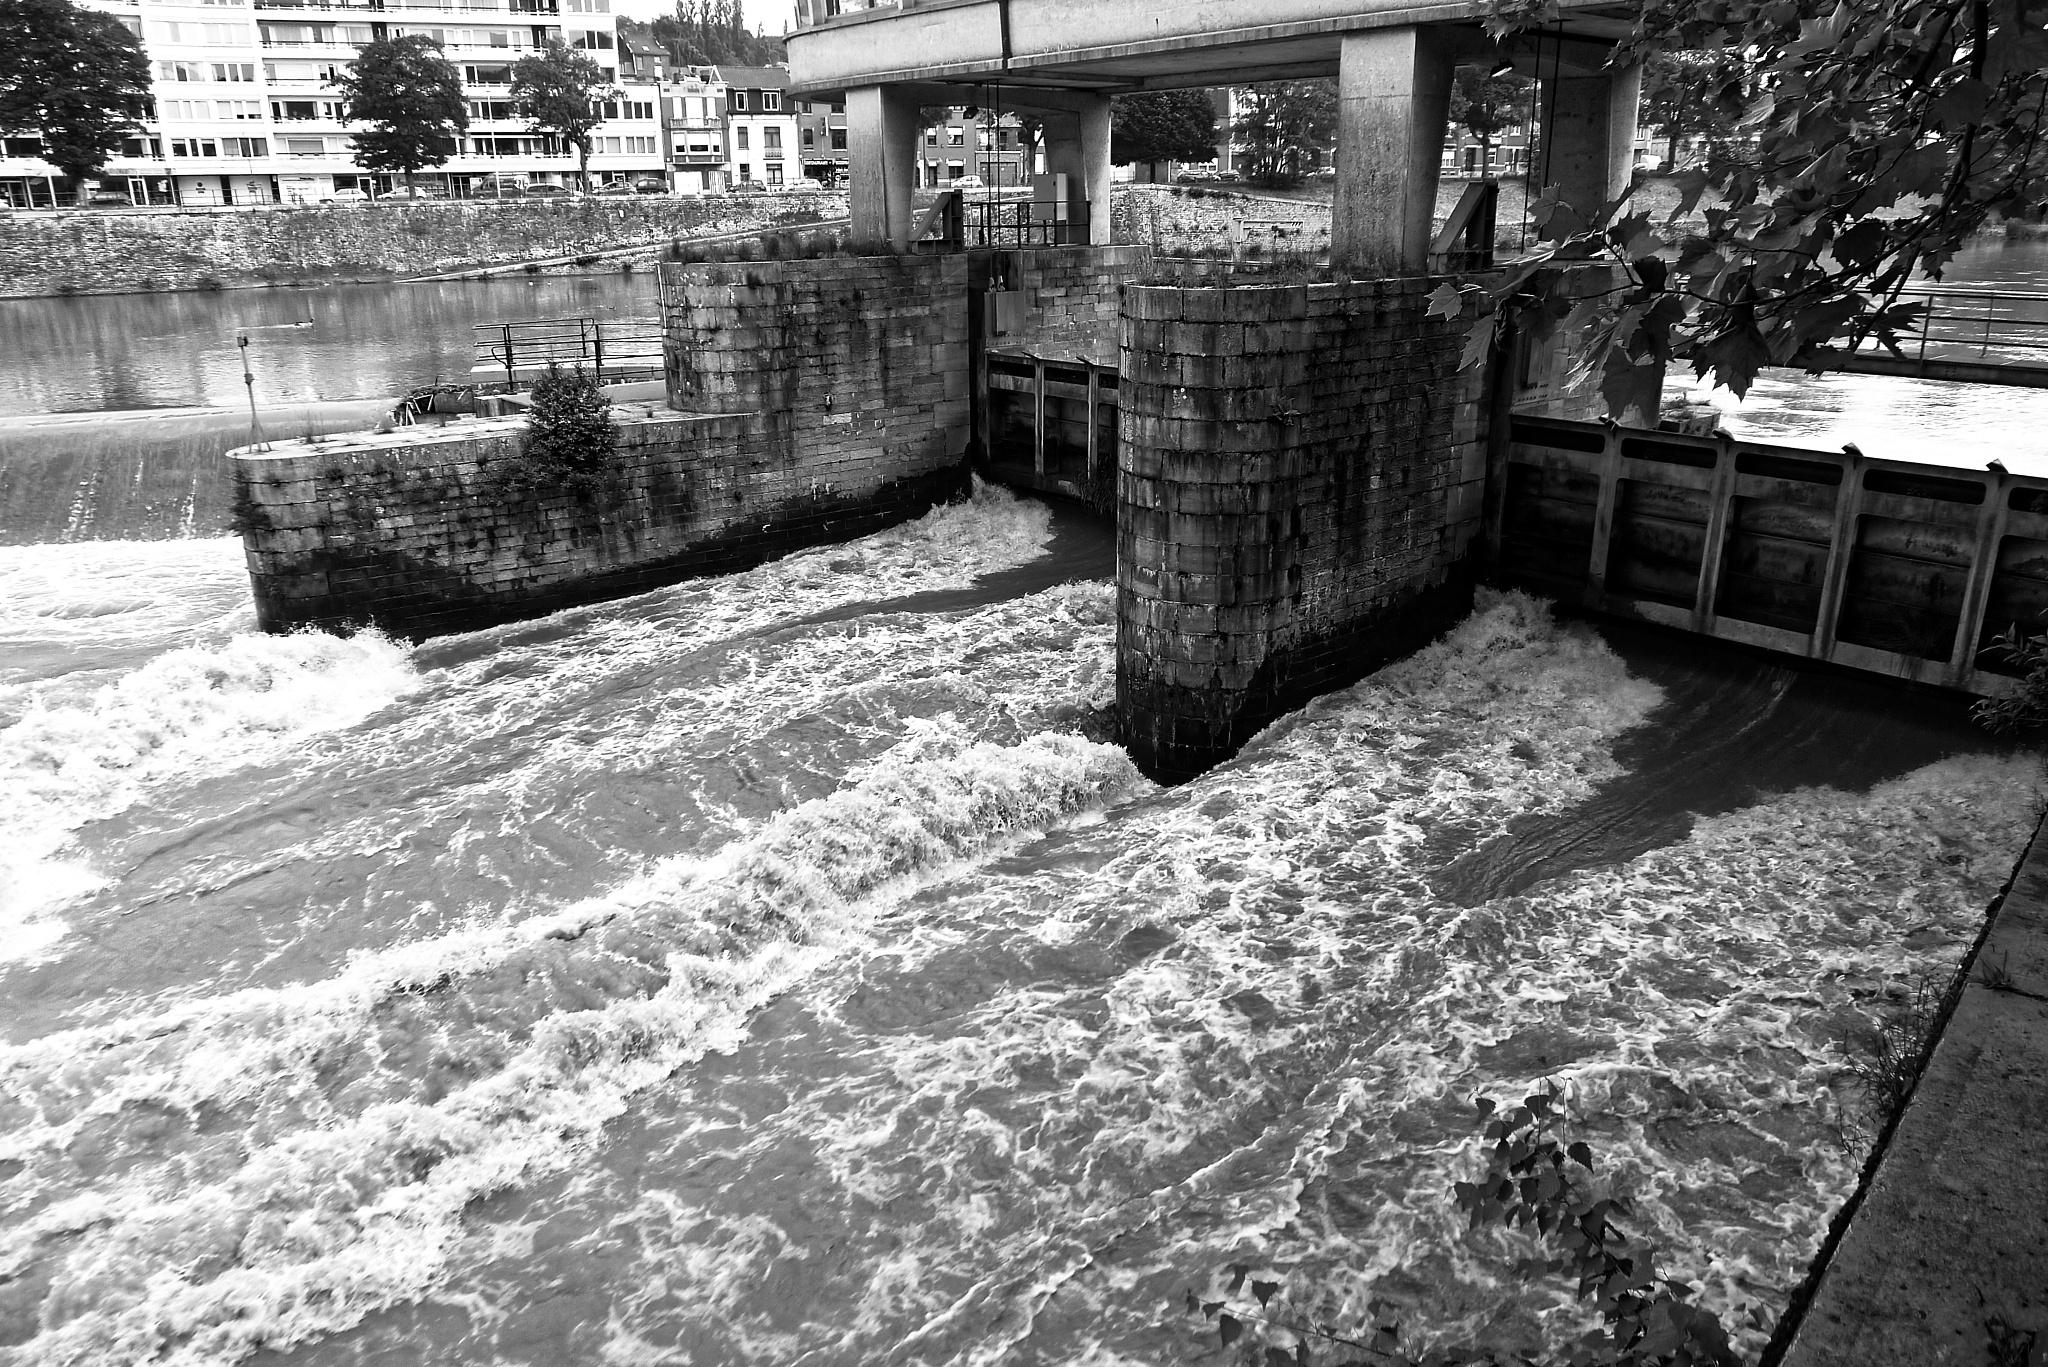 balade au fil de l'eau by dgavagephotography